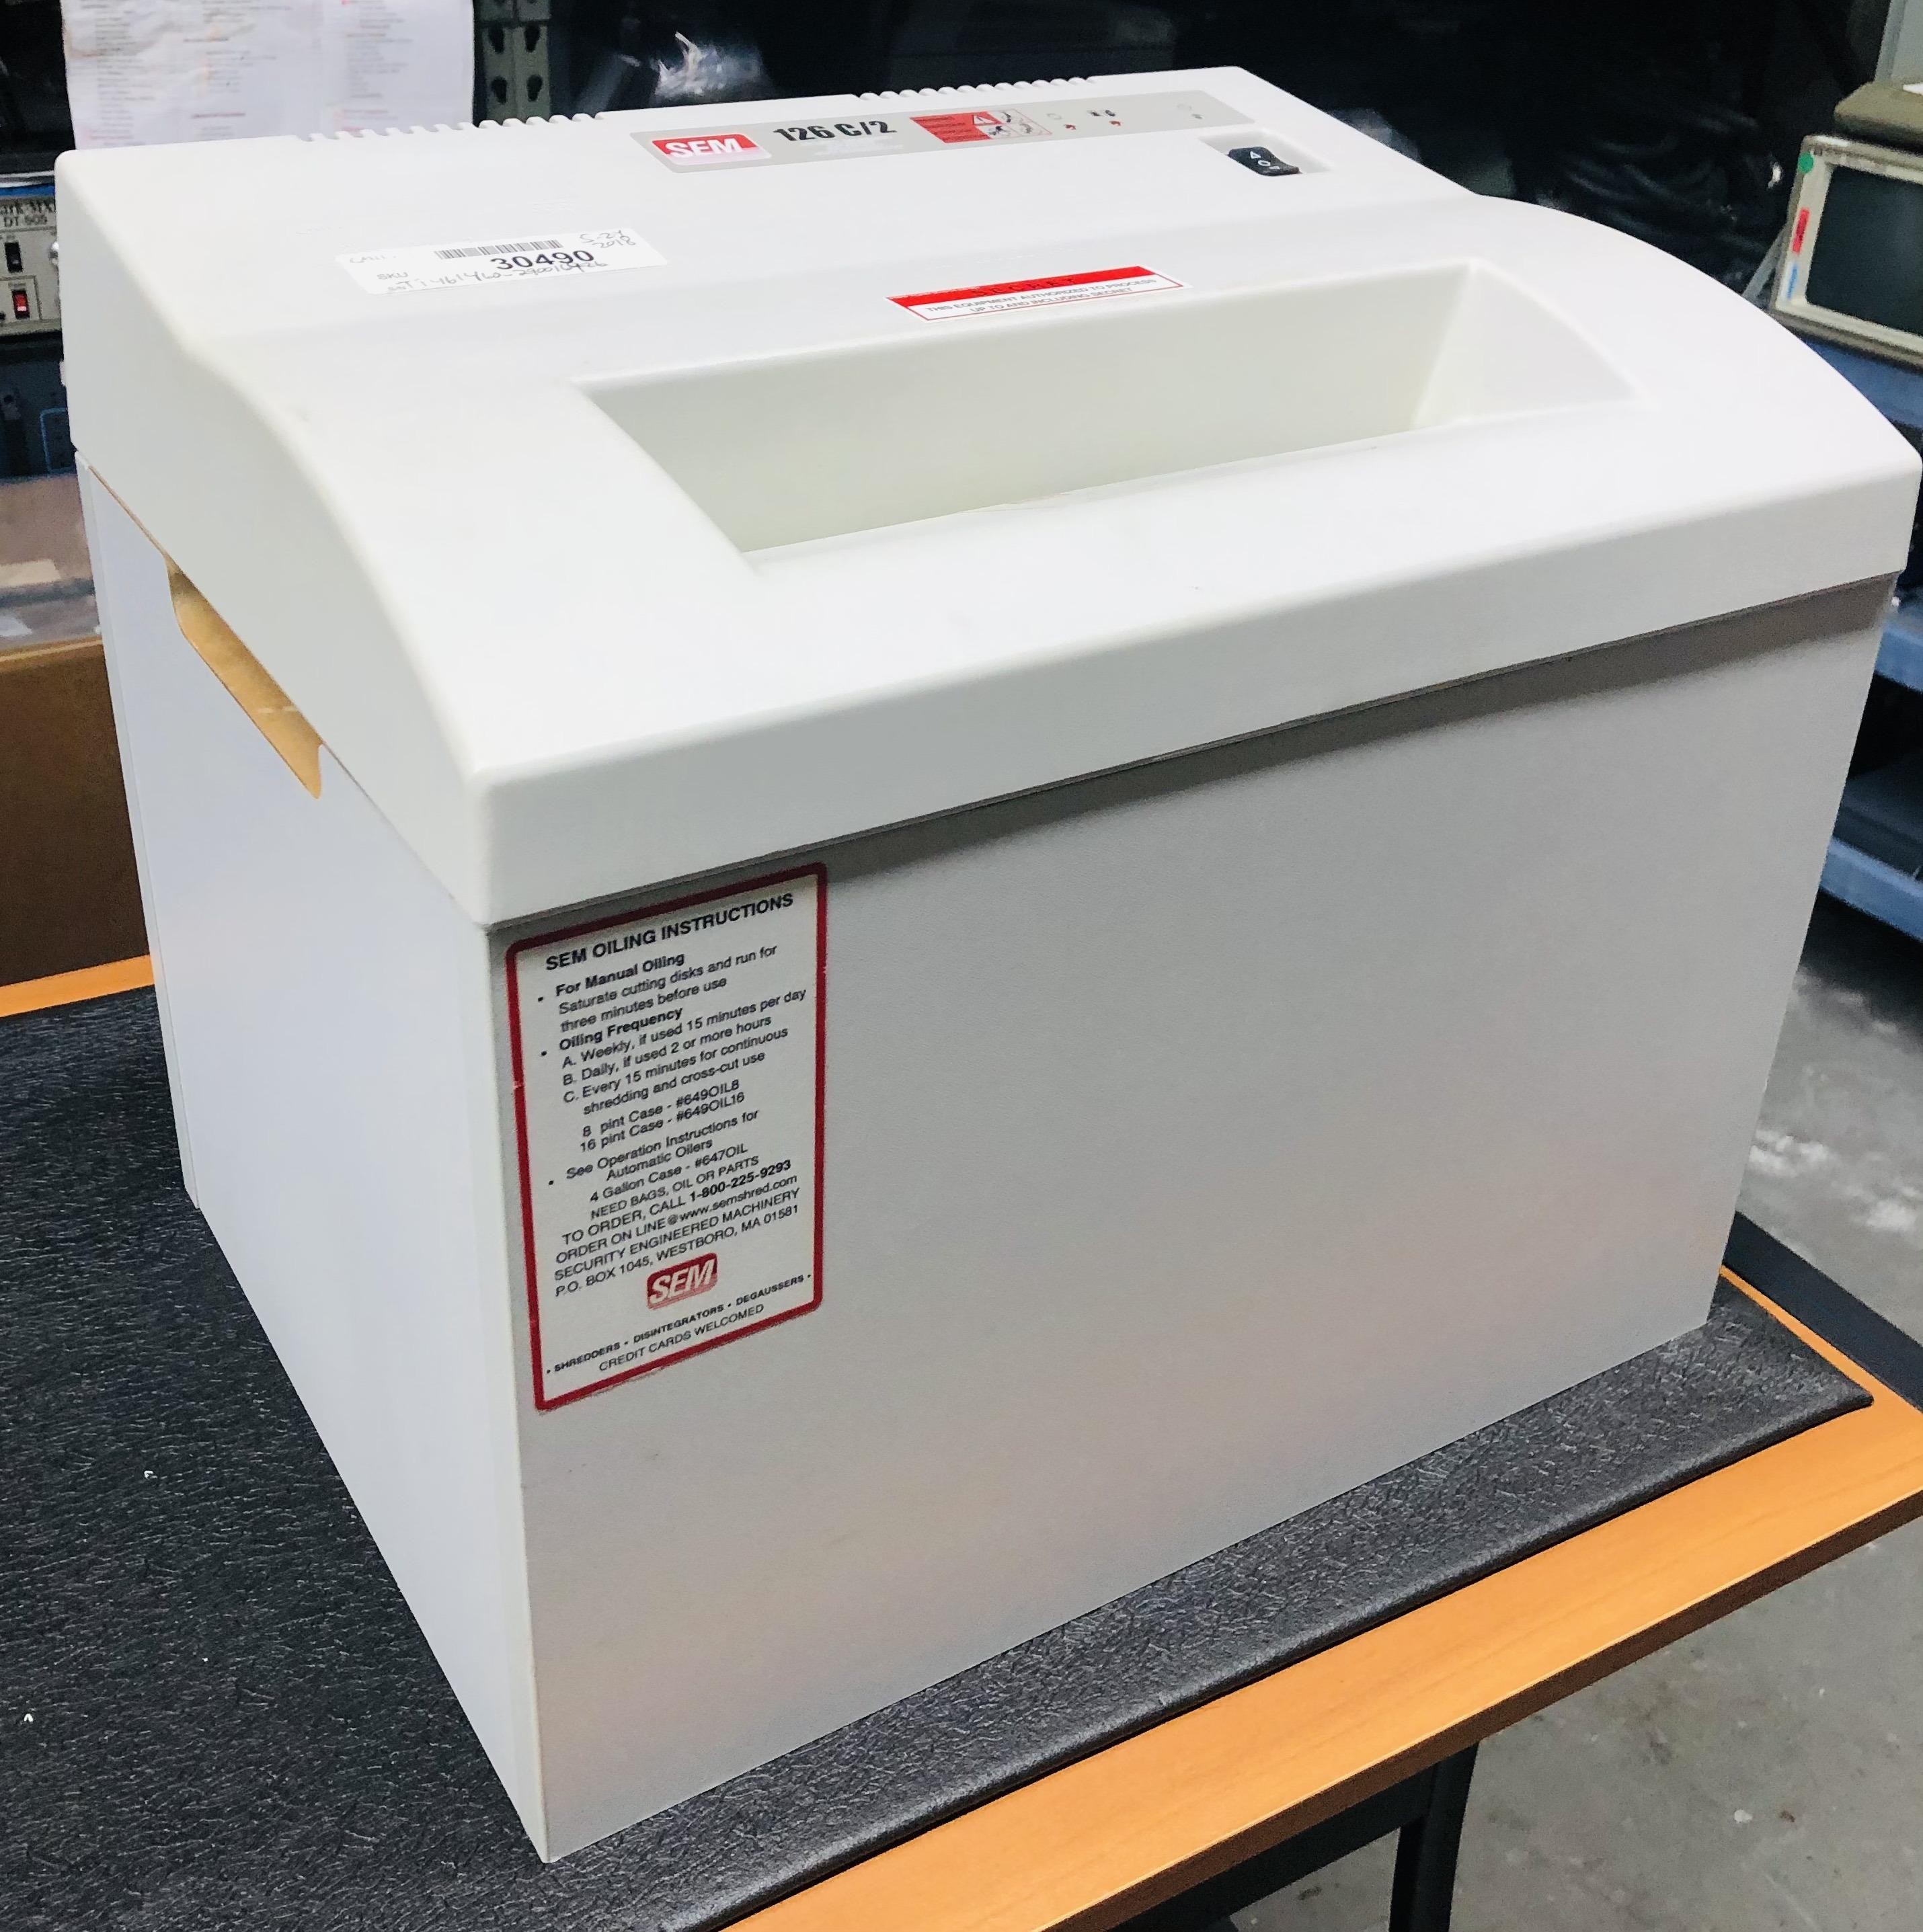 SEM 126C/2 Paper Shredder